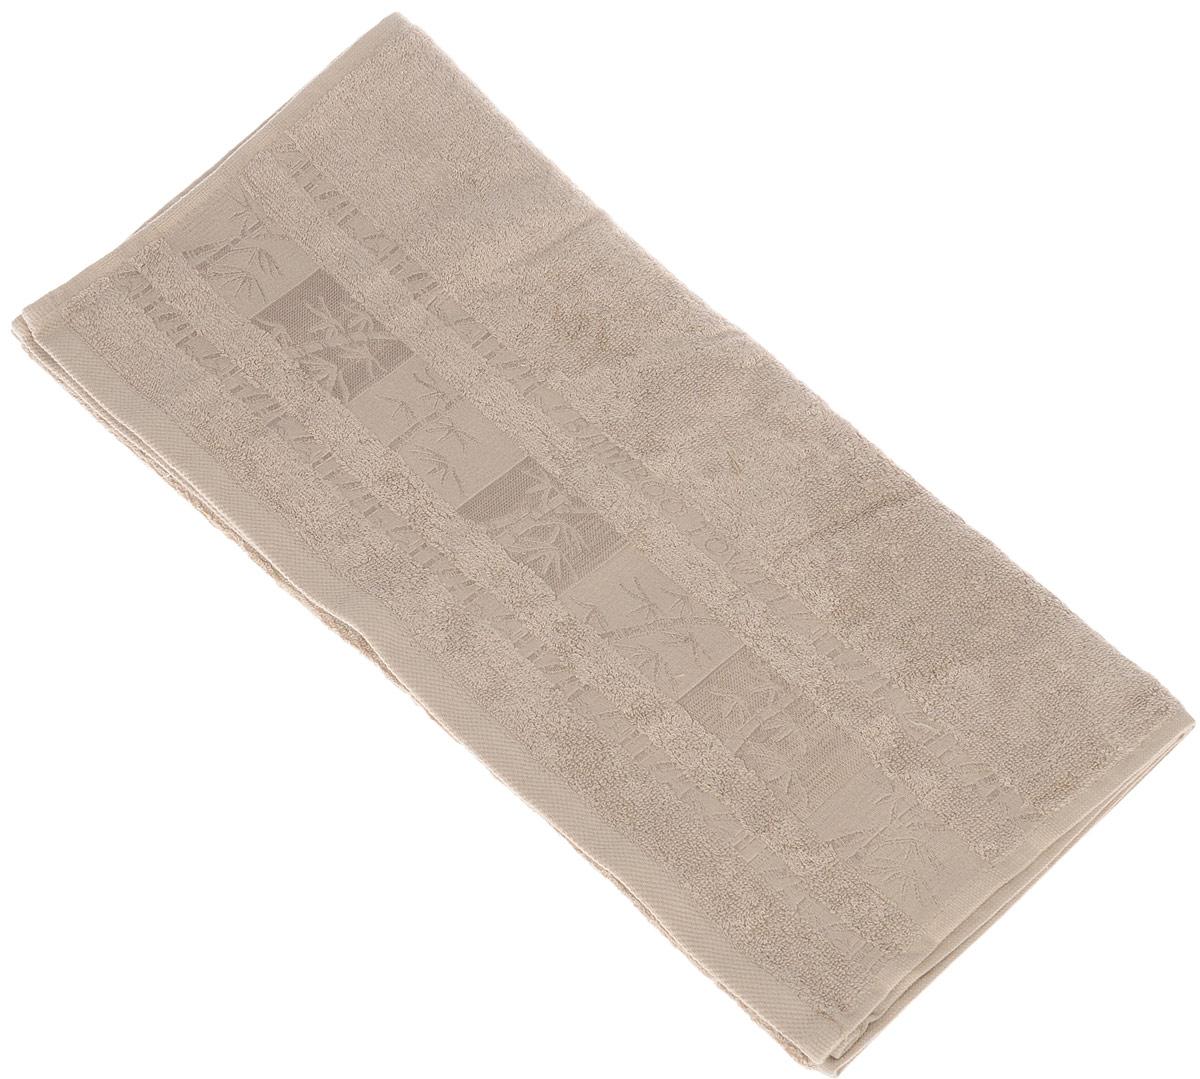 Полотенце Brielle Bamboo, цвет: мокко, 50 х 90 см68/5/2Полотенце Brielle Bamboo выполнено из бамбука с содержанием хлопка. Изделие очень мягкое, оно отлично впитывает влагу, быстро сохнет, сохраняет яркость цвета и не теряет формы даже после многократных стирок. Одна из боковых сторон оформлена оригинальным рисунком и надписью. Полотенце Brielle Bamboo очень практично и неприхотливо в уходе. Такое полотенце послужит приятным подарком.